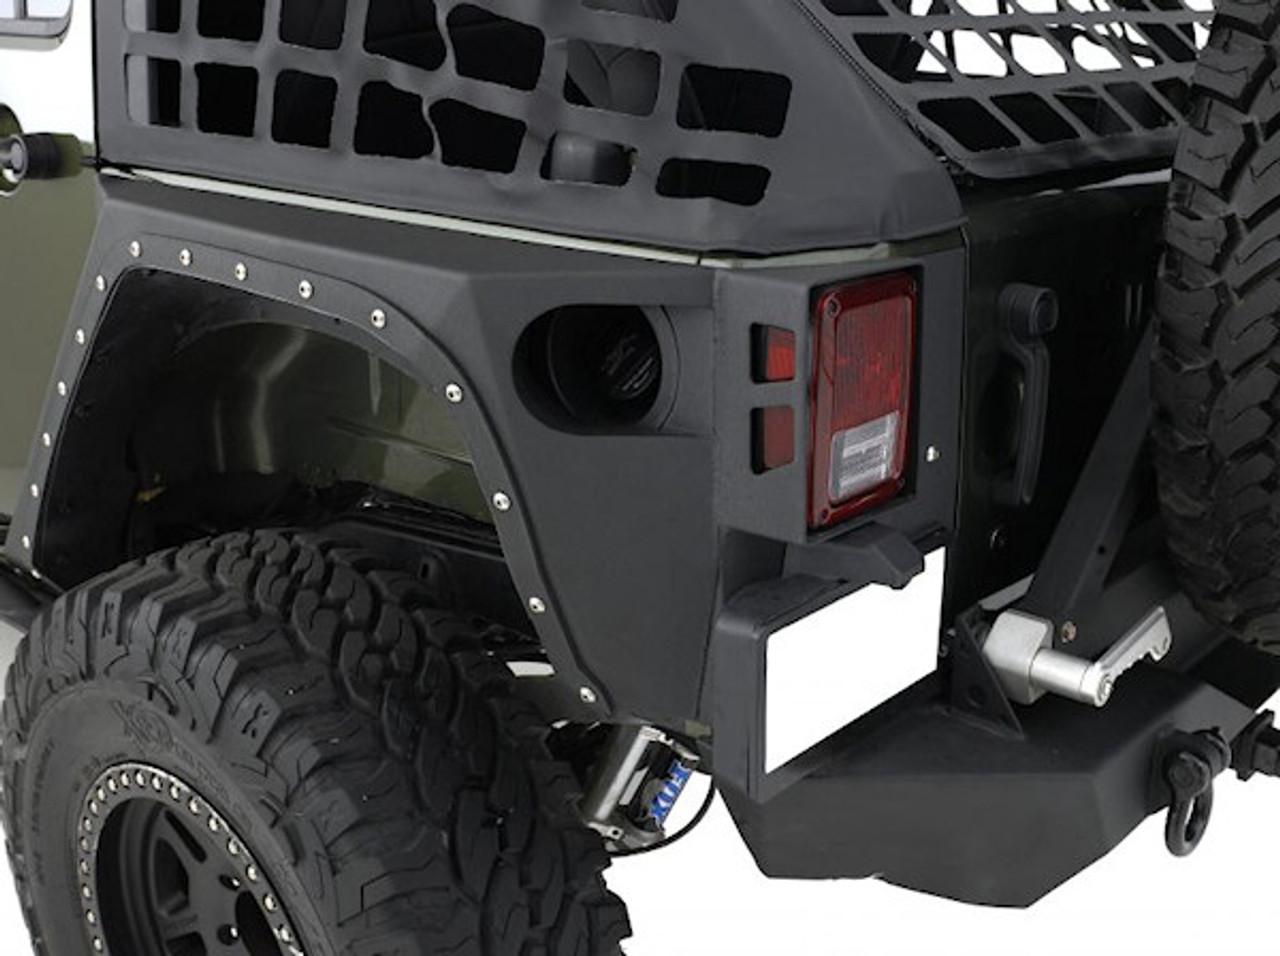 Smittybilt 76881 XRC Rear Corner Armor Fender Kit for Jeep Wrangler JK 2007-2016